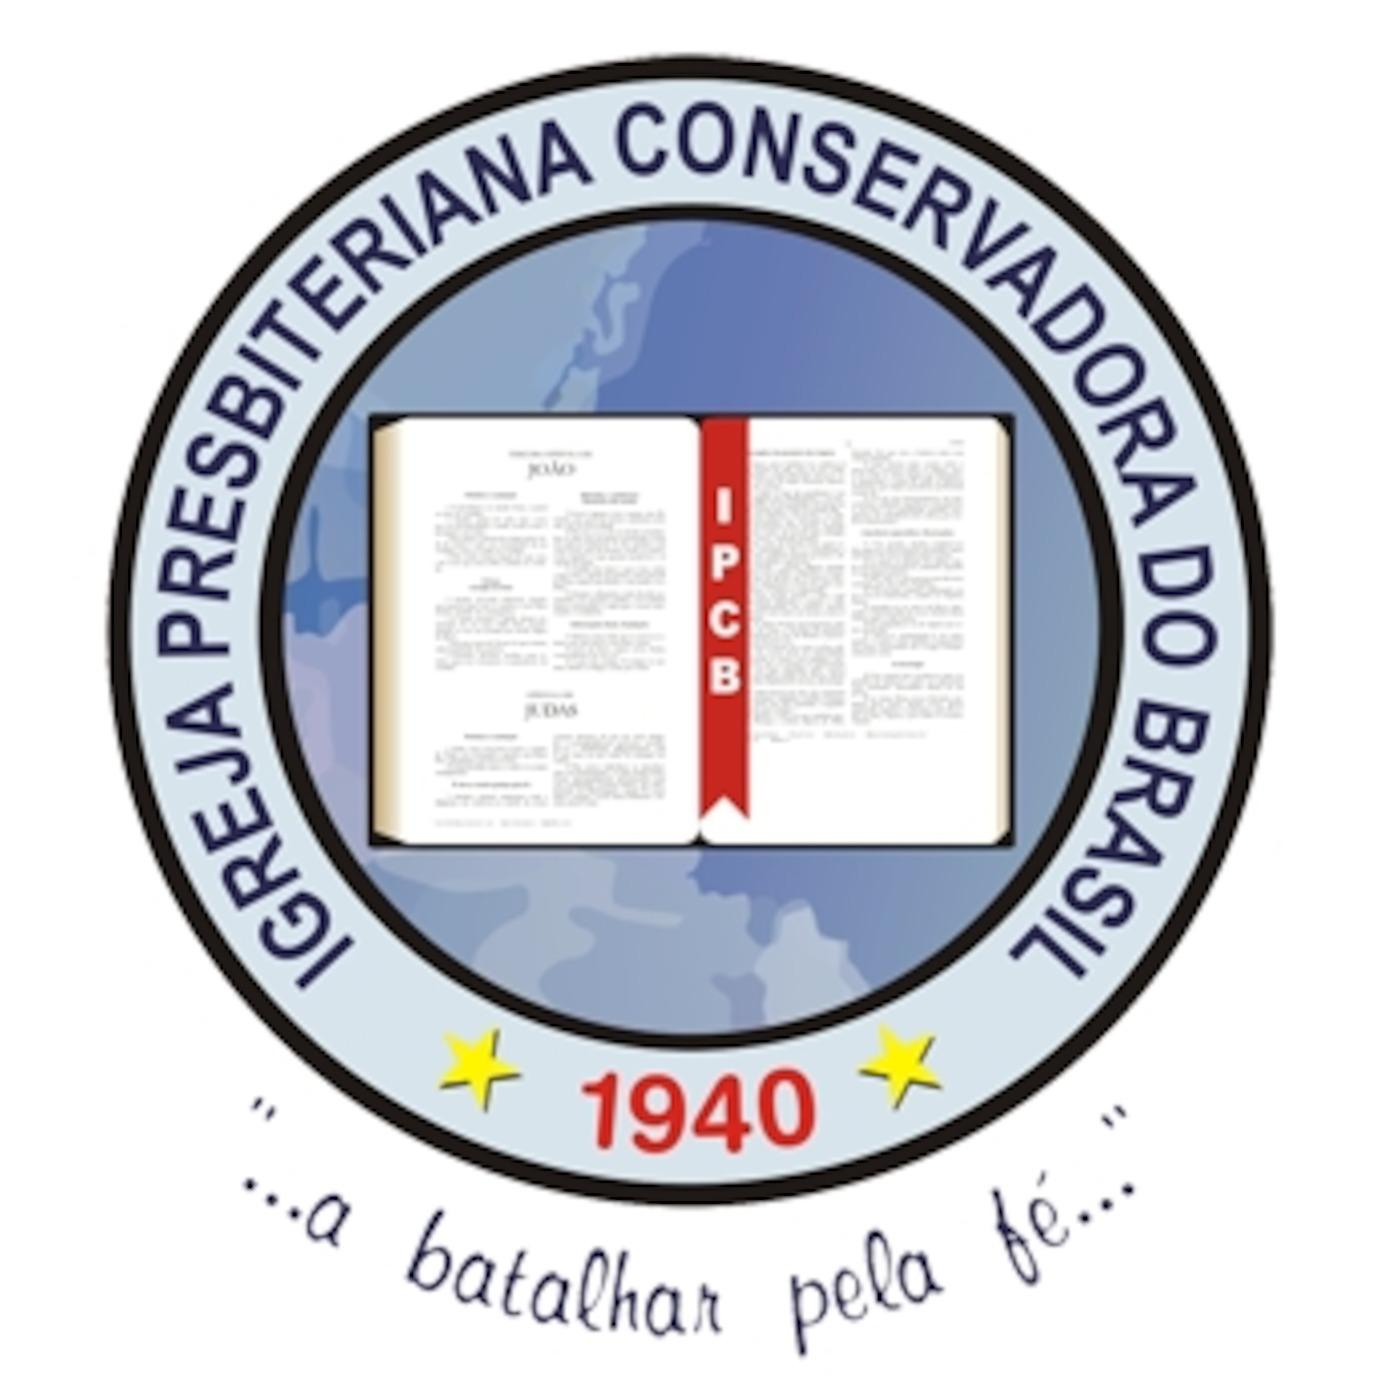 IPC - Igreja Presbiteriana Conservadora do Brasil